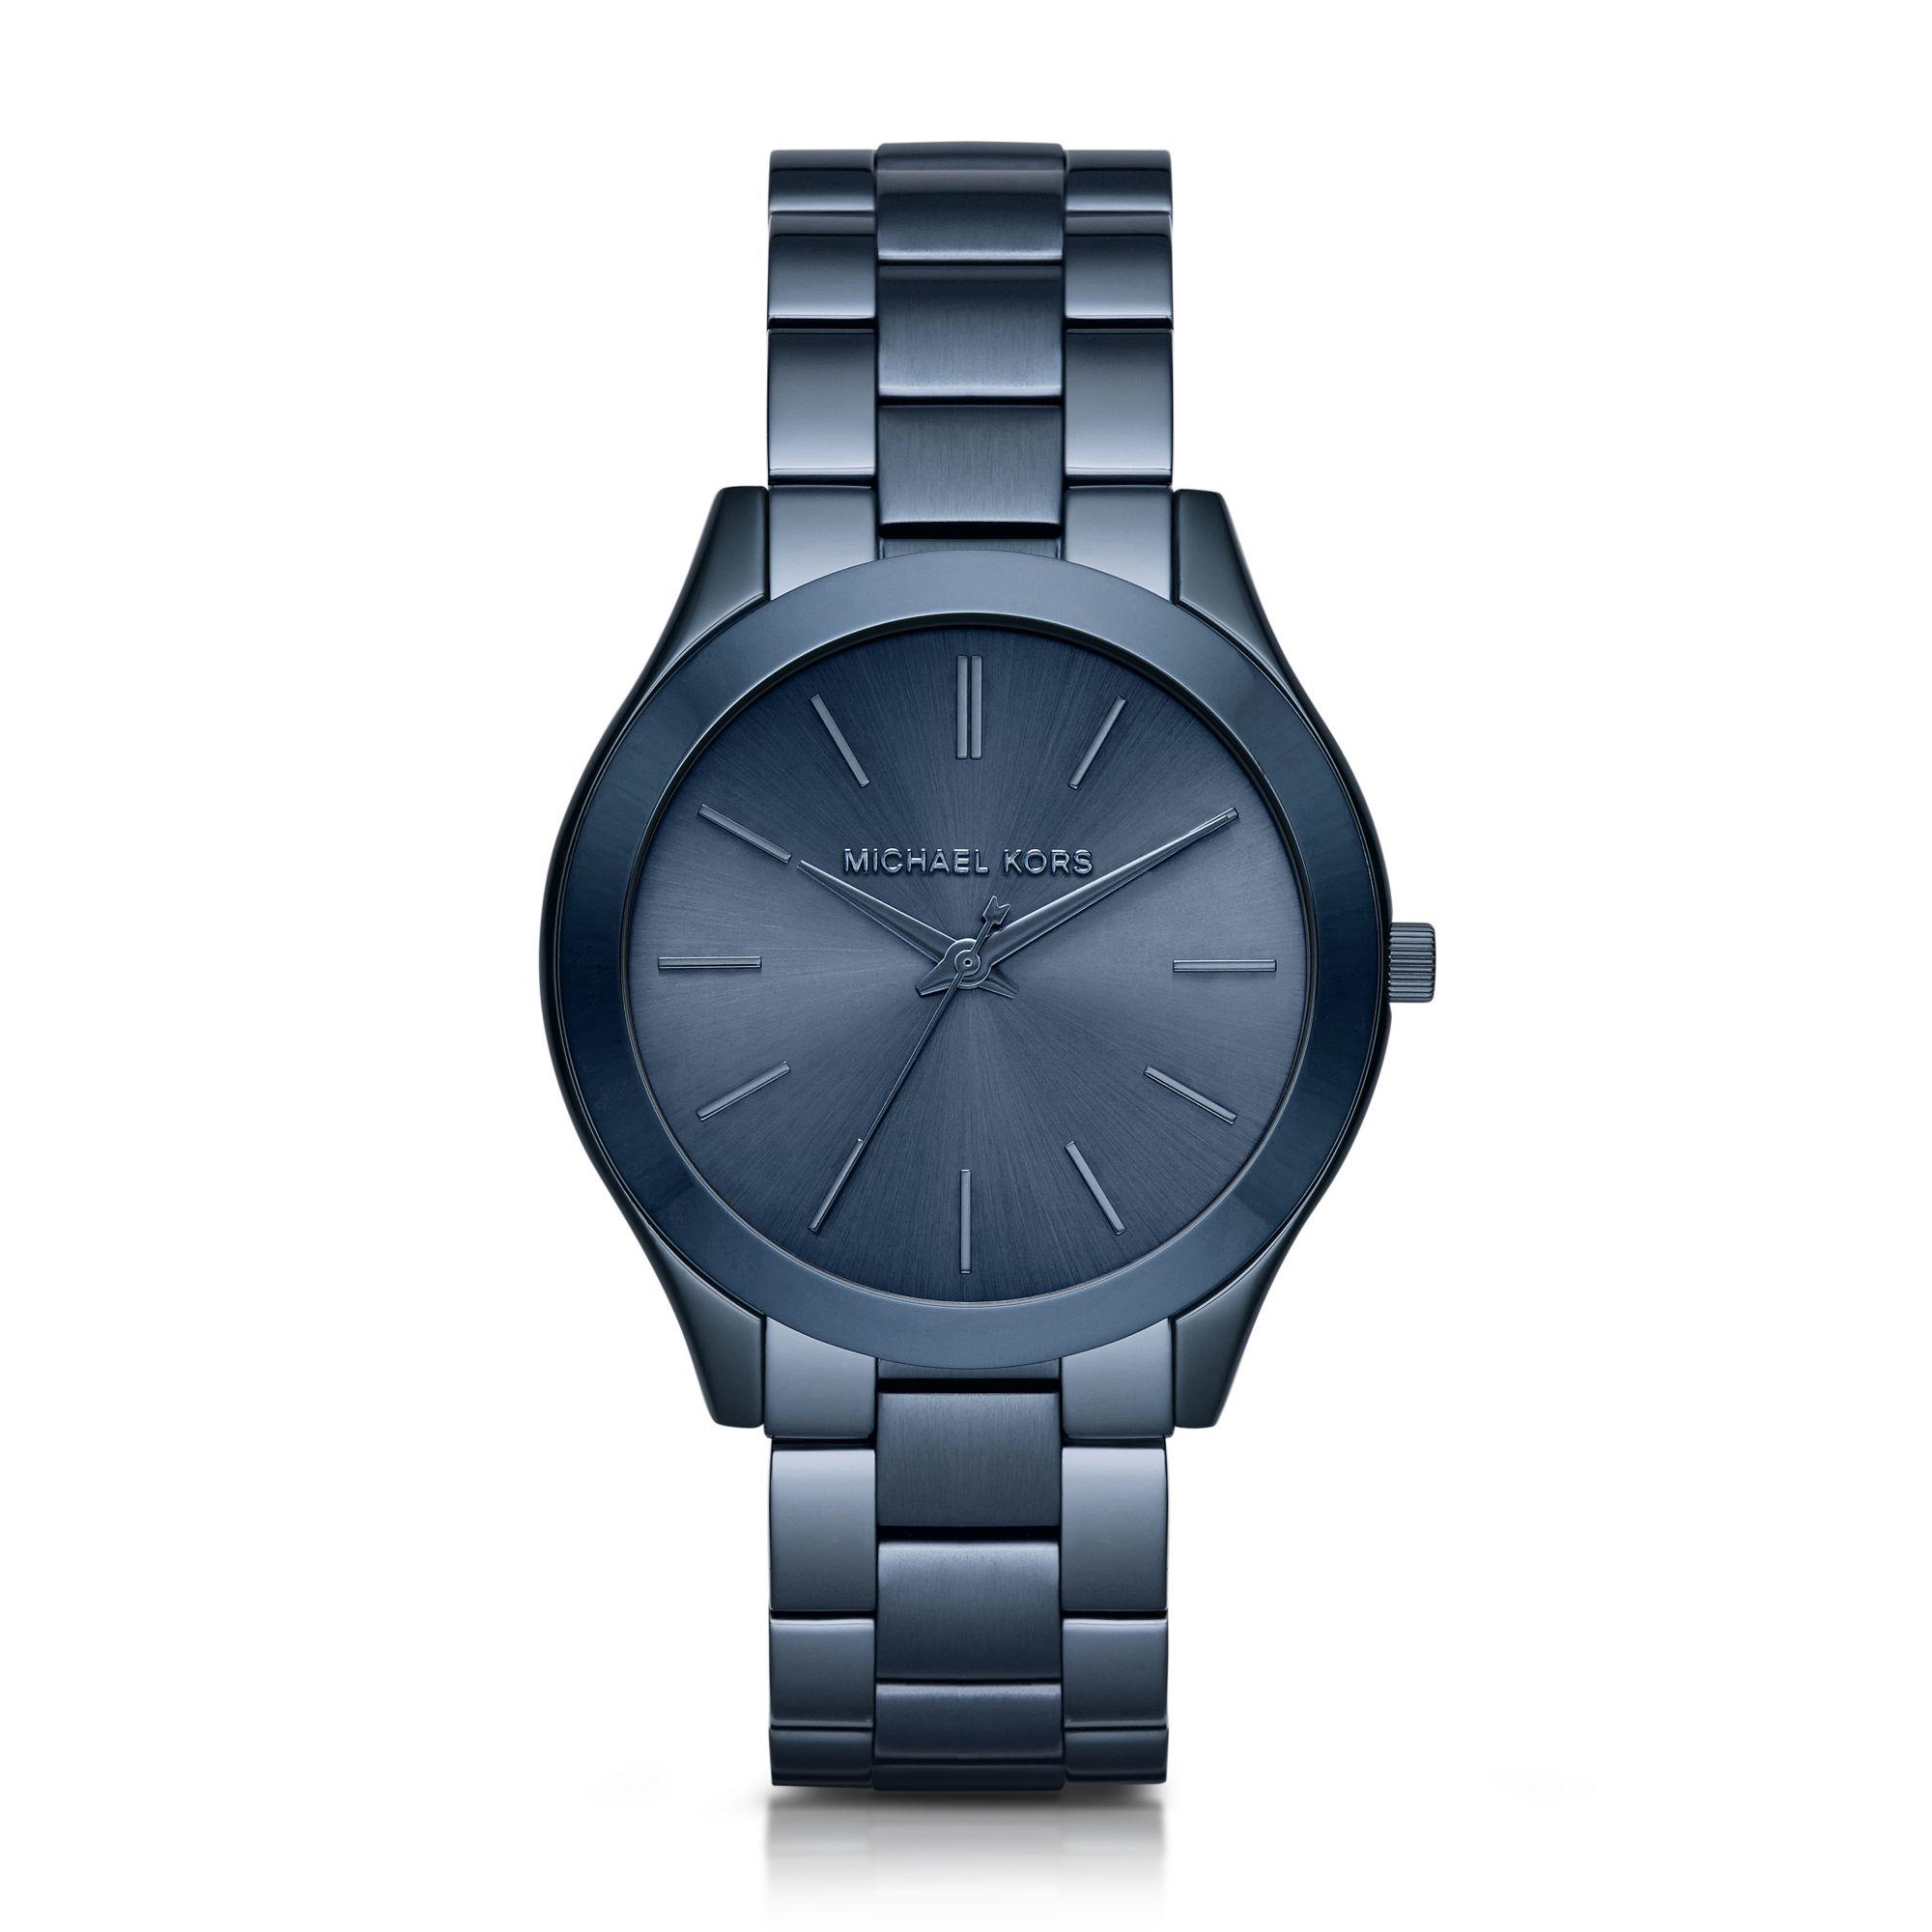 Michael kors Slim Runway Blue Watch in Blue